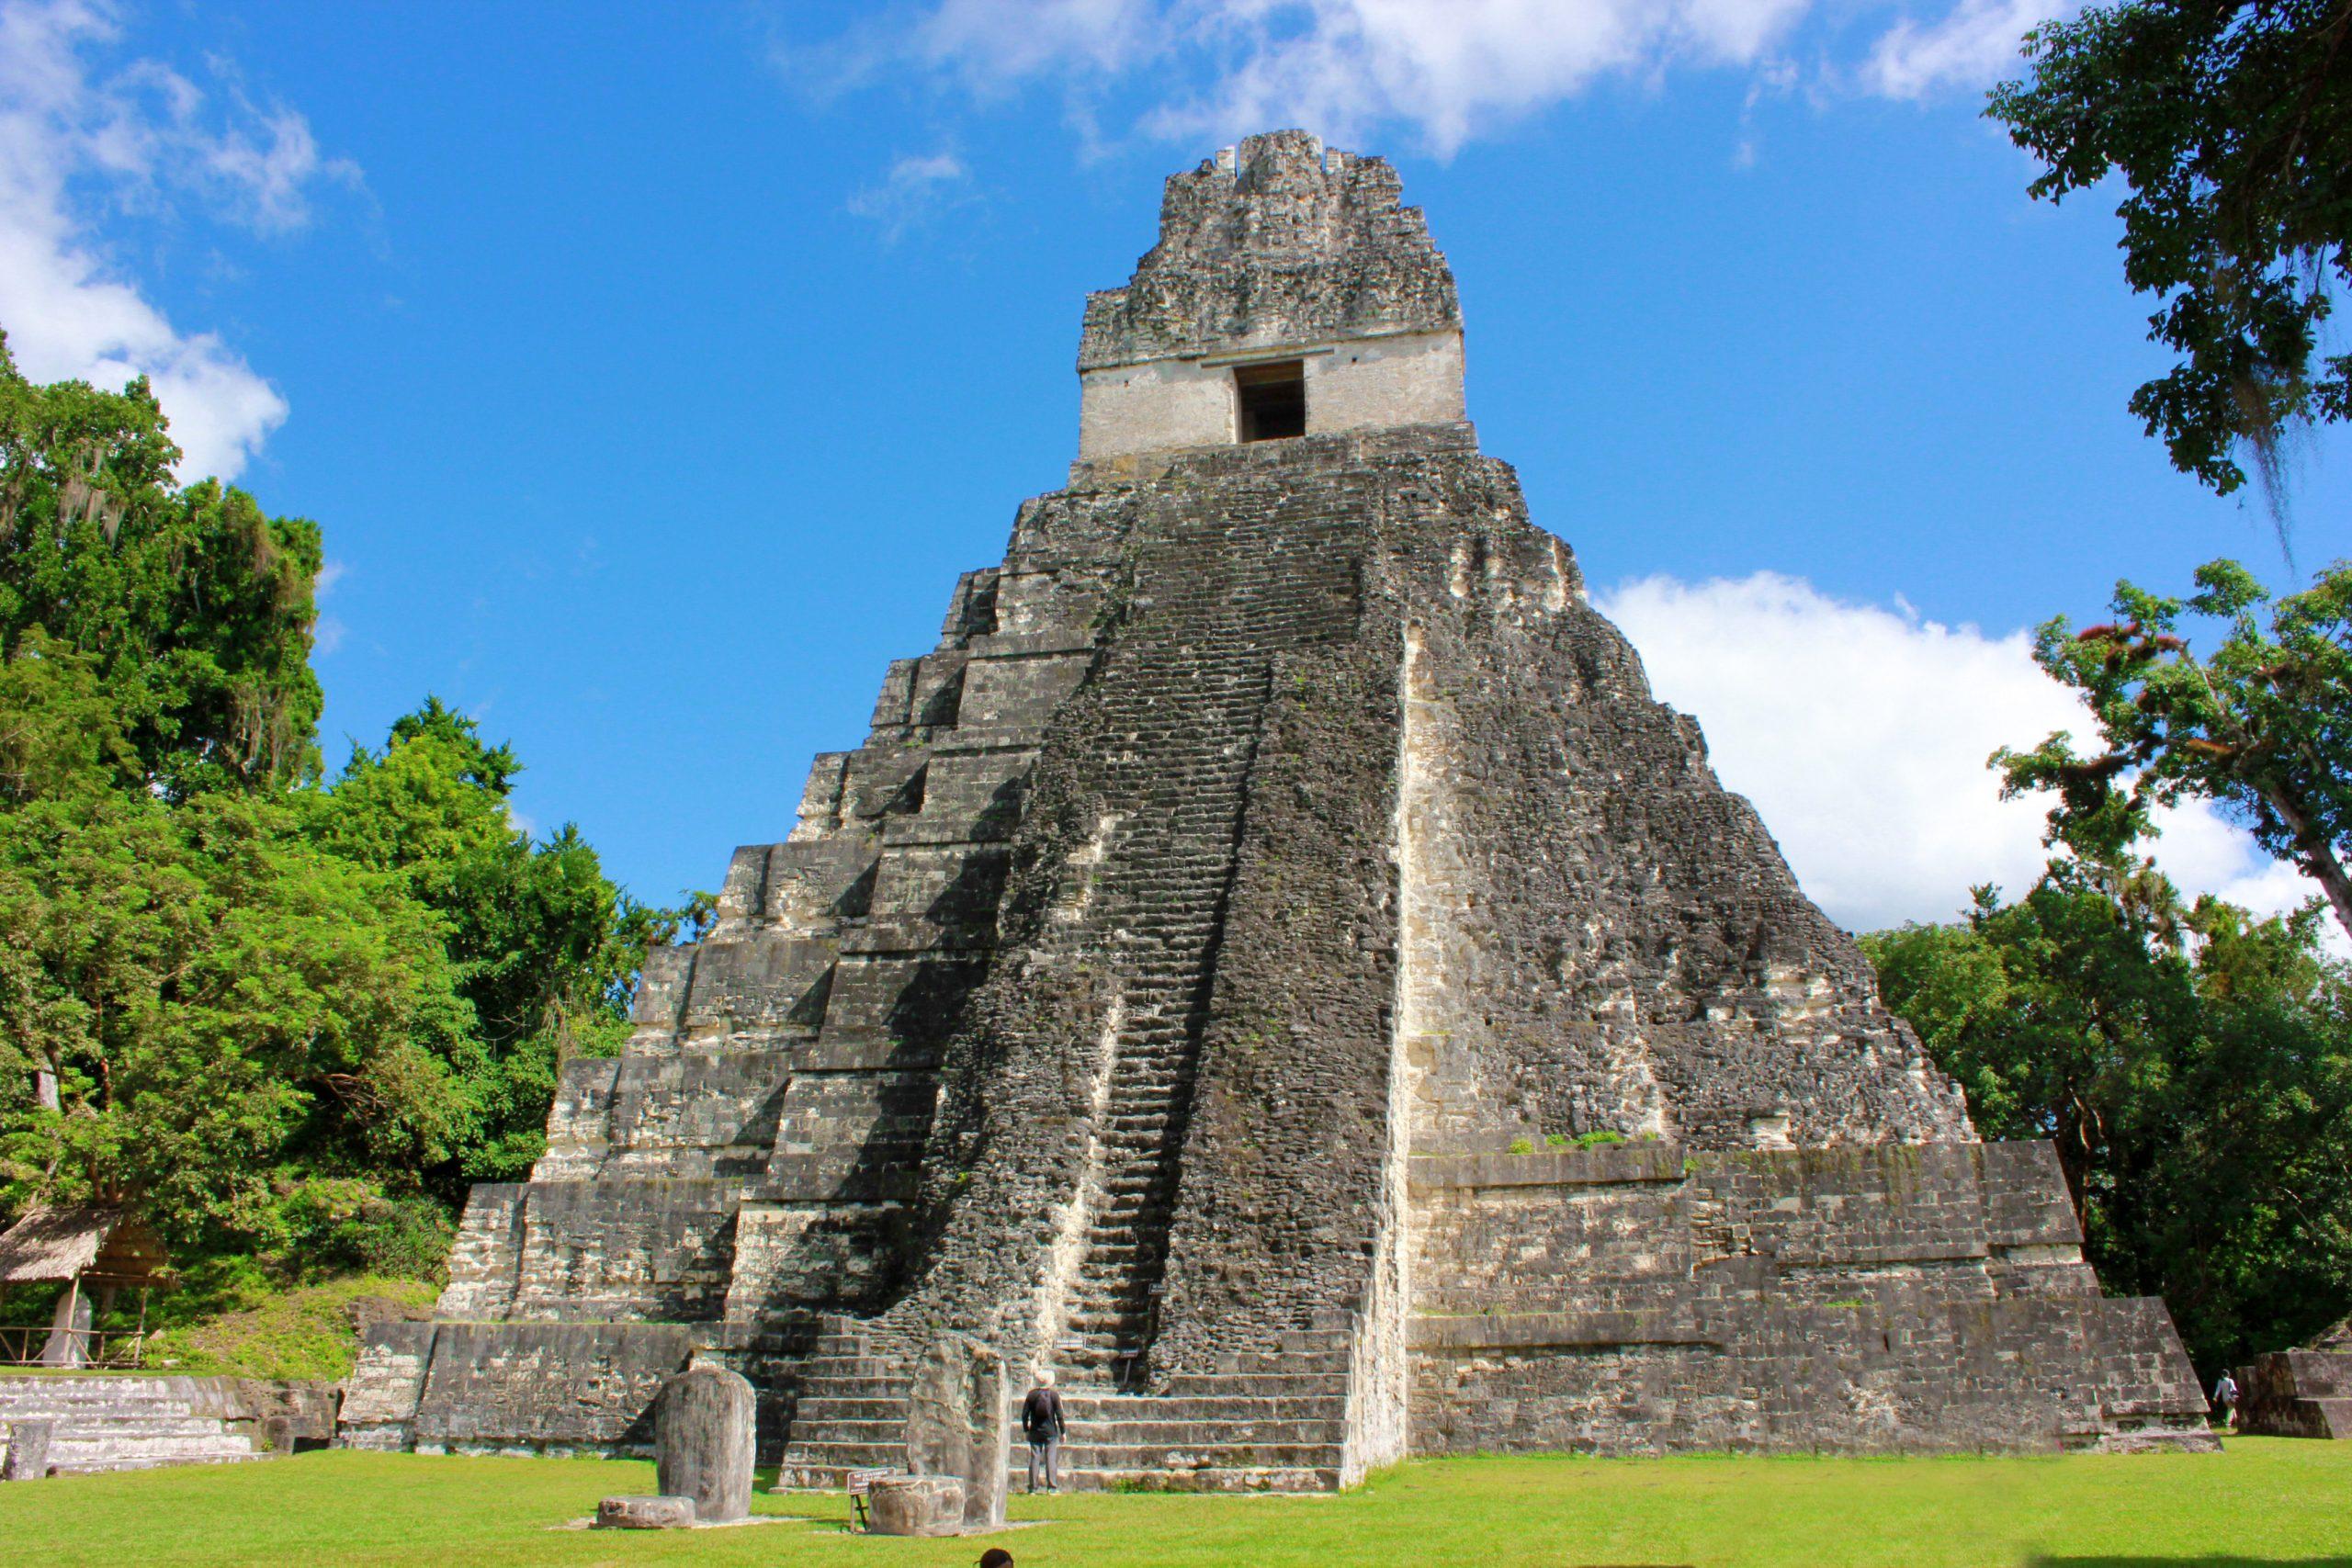 Menguak Fakta Mengejutkan Peradaban Kuno Suku Maya Yang Hilang Secara Misterius